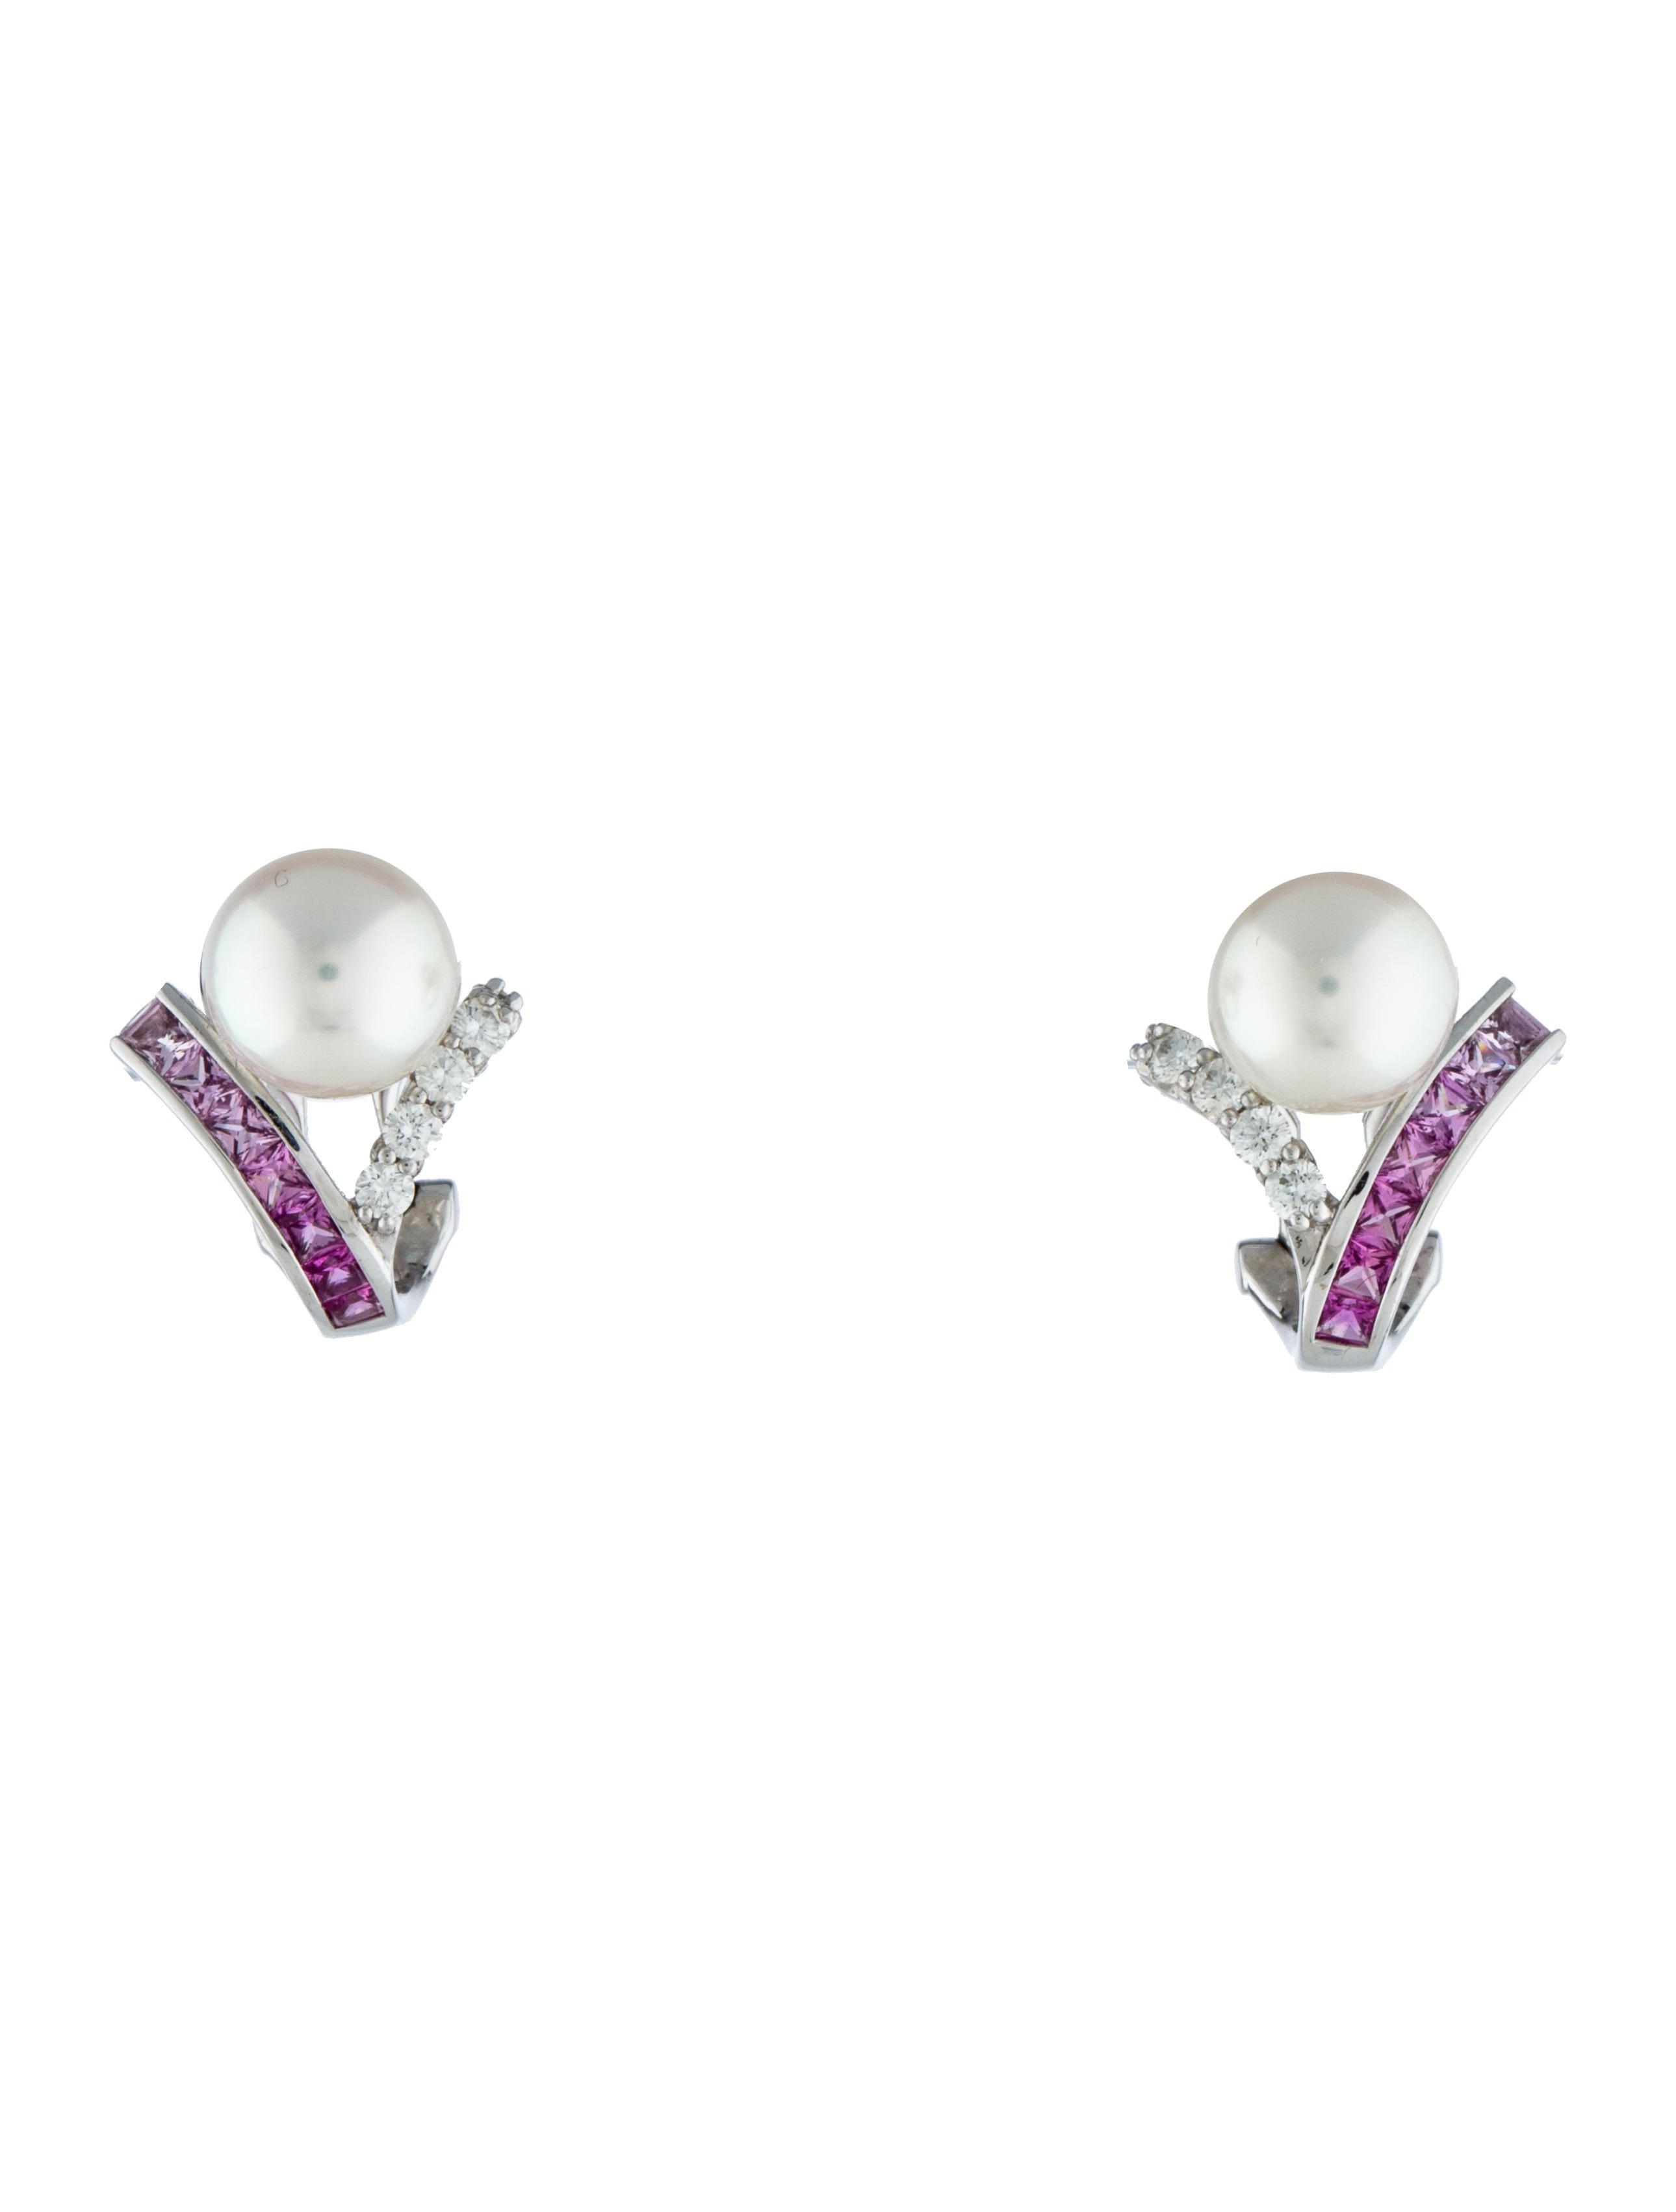 18k Pearl Pink Shire Diamond Ear Clip Earrings